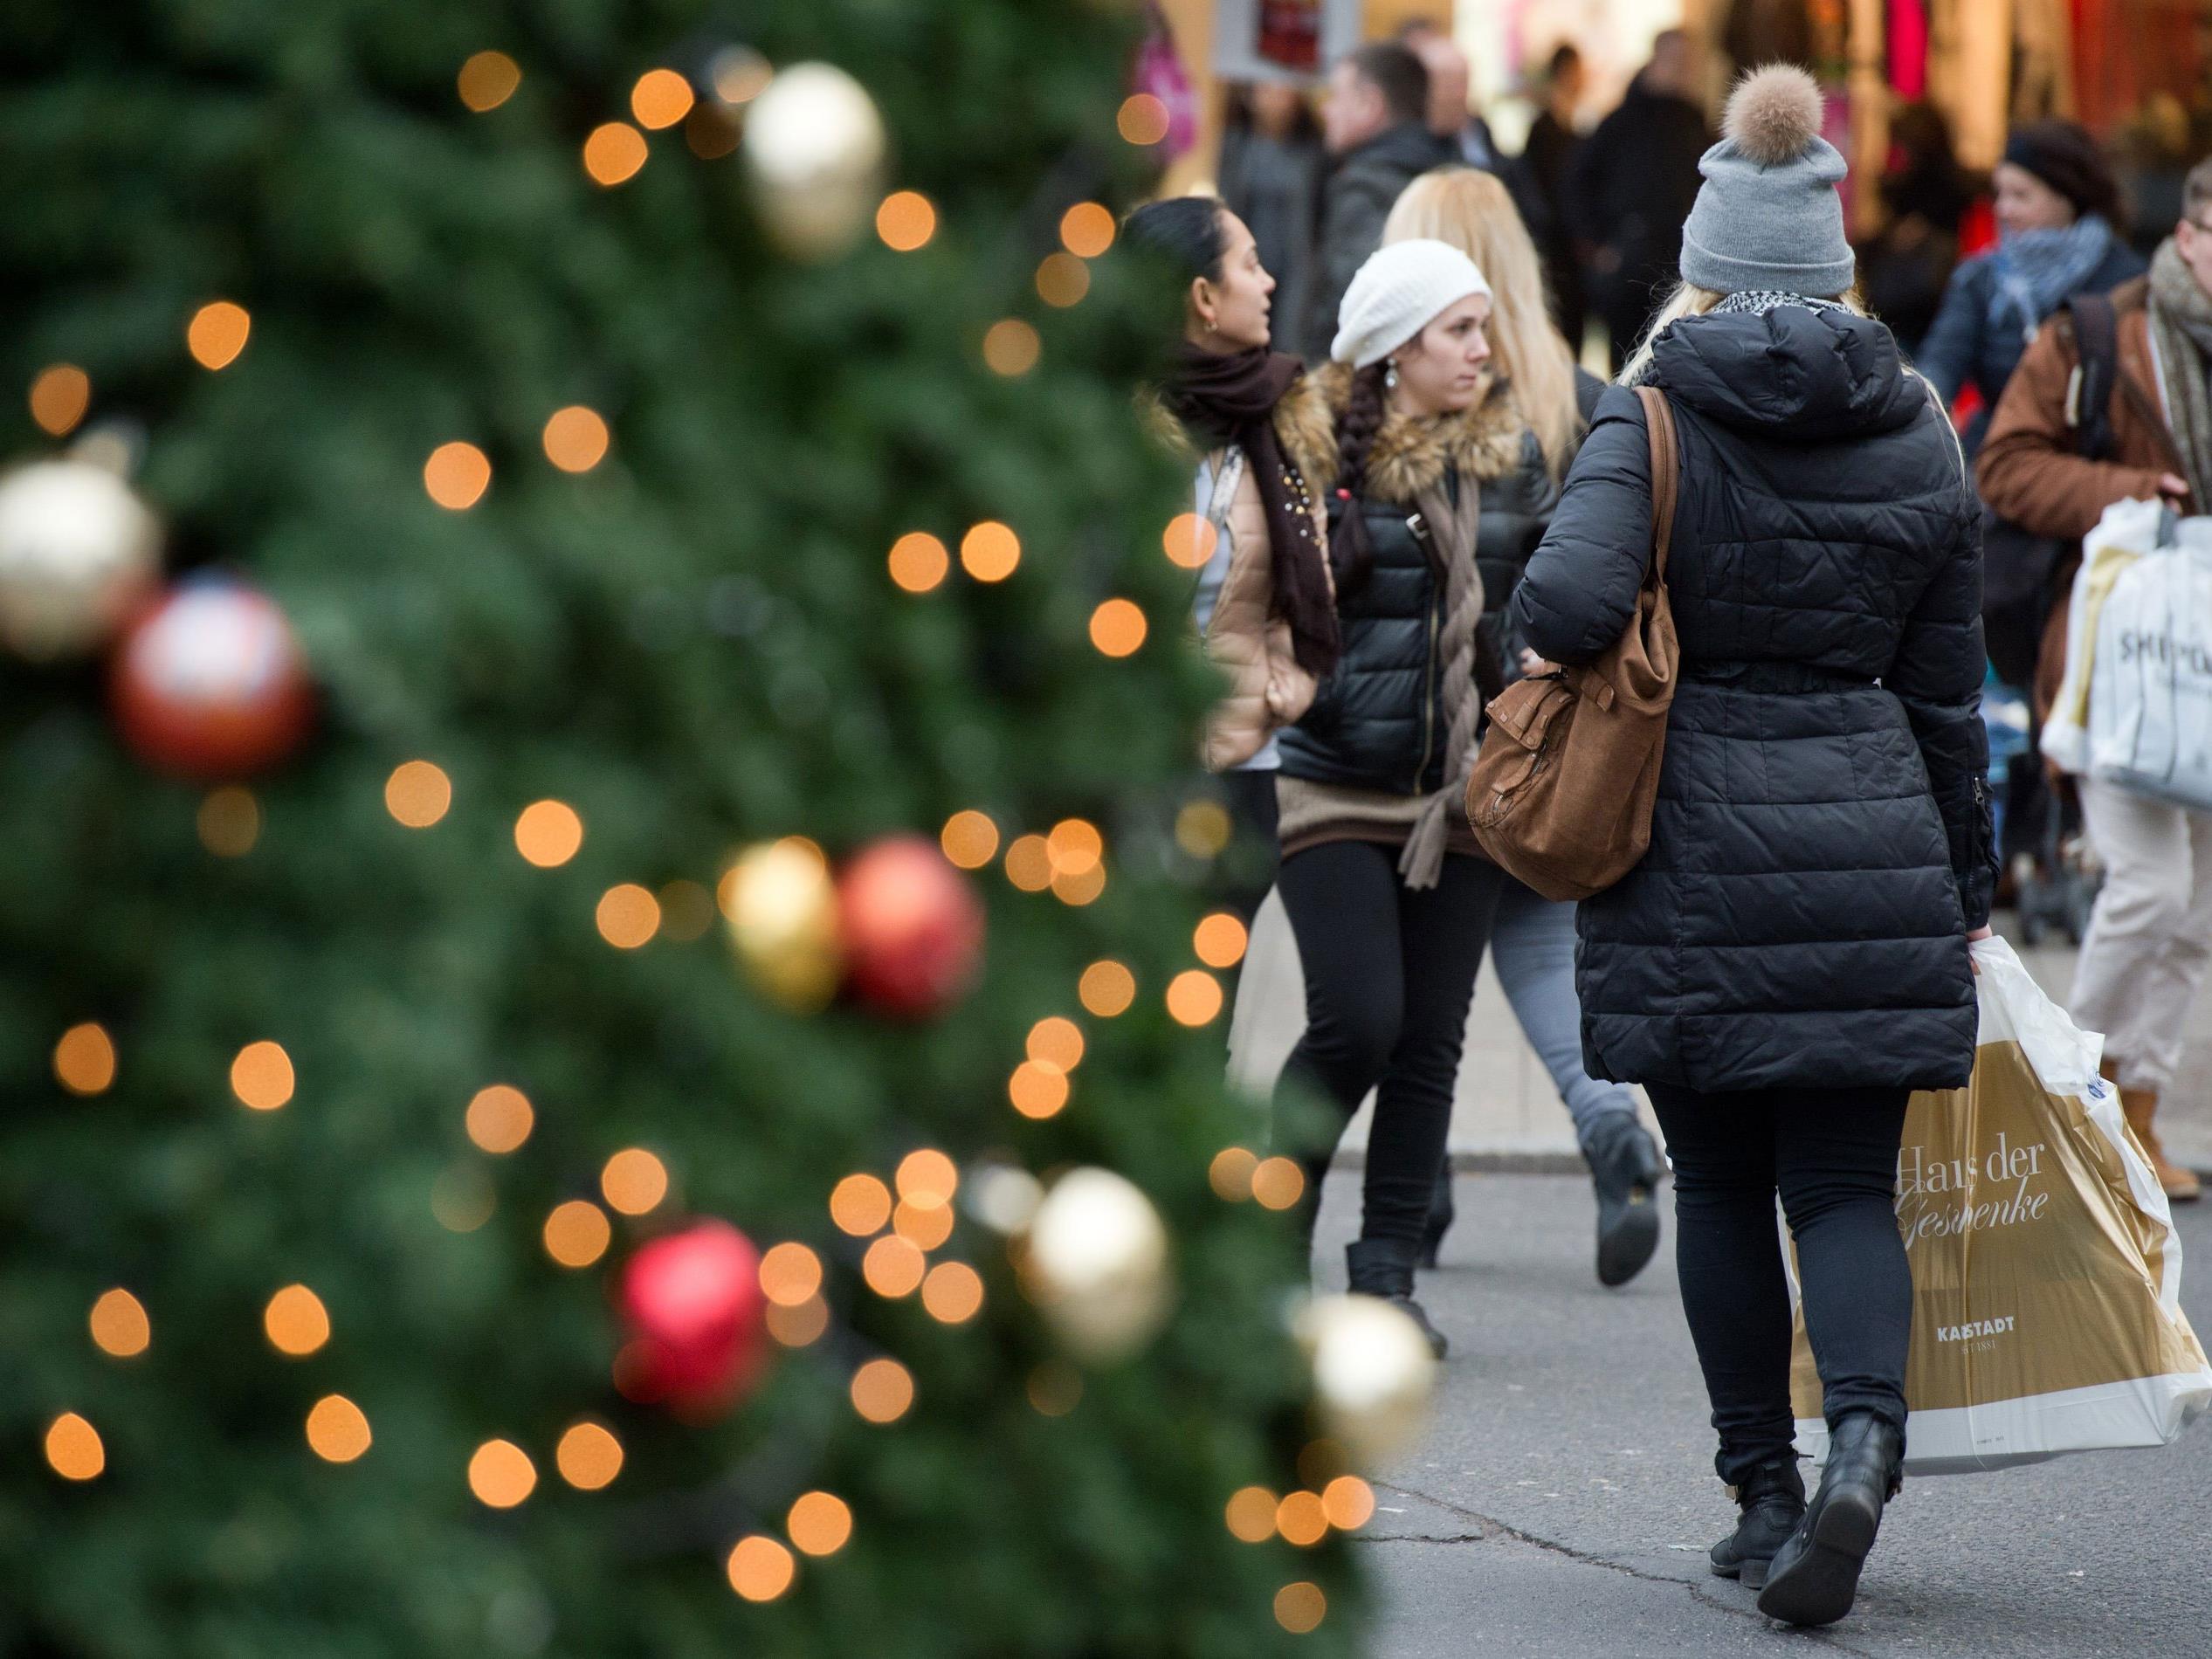 Wer am 24. Dezember einkaufen muss, hat in Wien noch bis zum Nachmittag die Möglichkeit